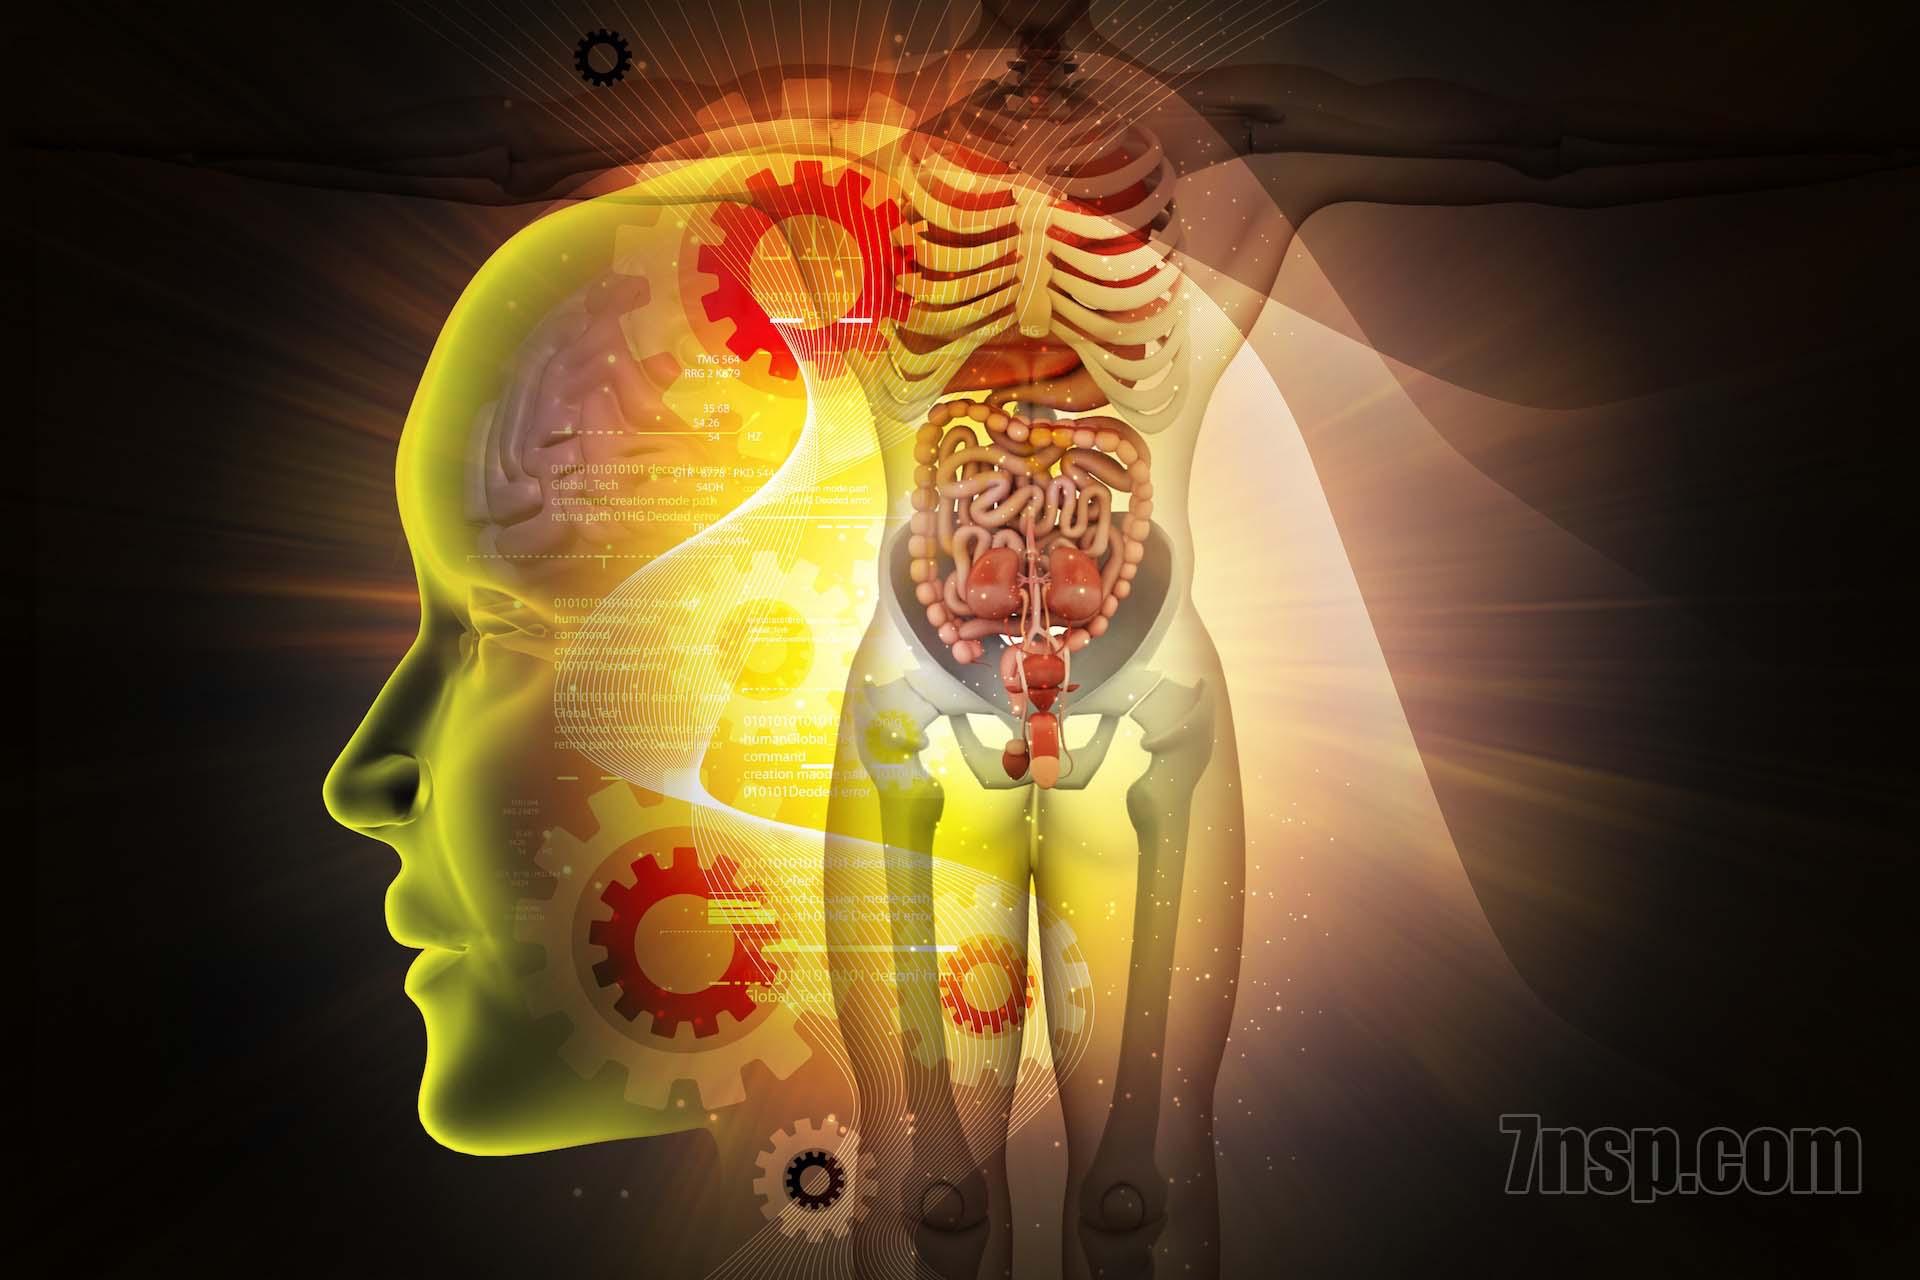 Каталог препаратов, натуральных бад НСП по системам организма человека. Цены на препараты.